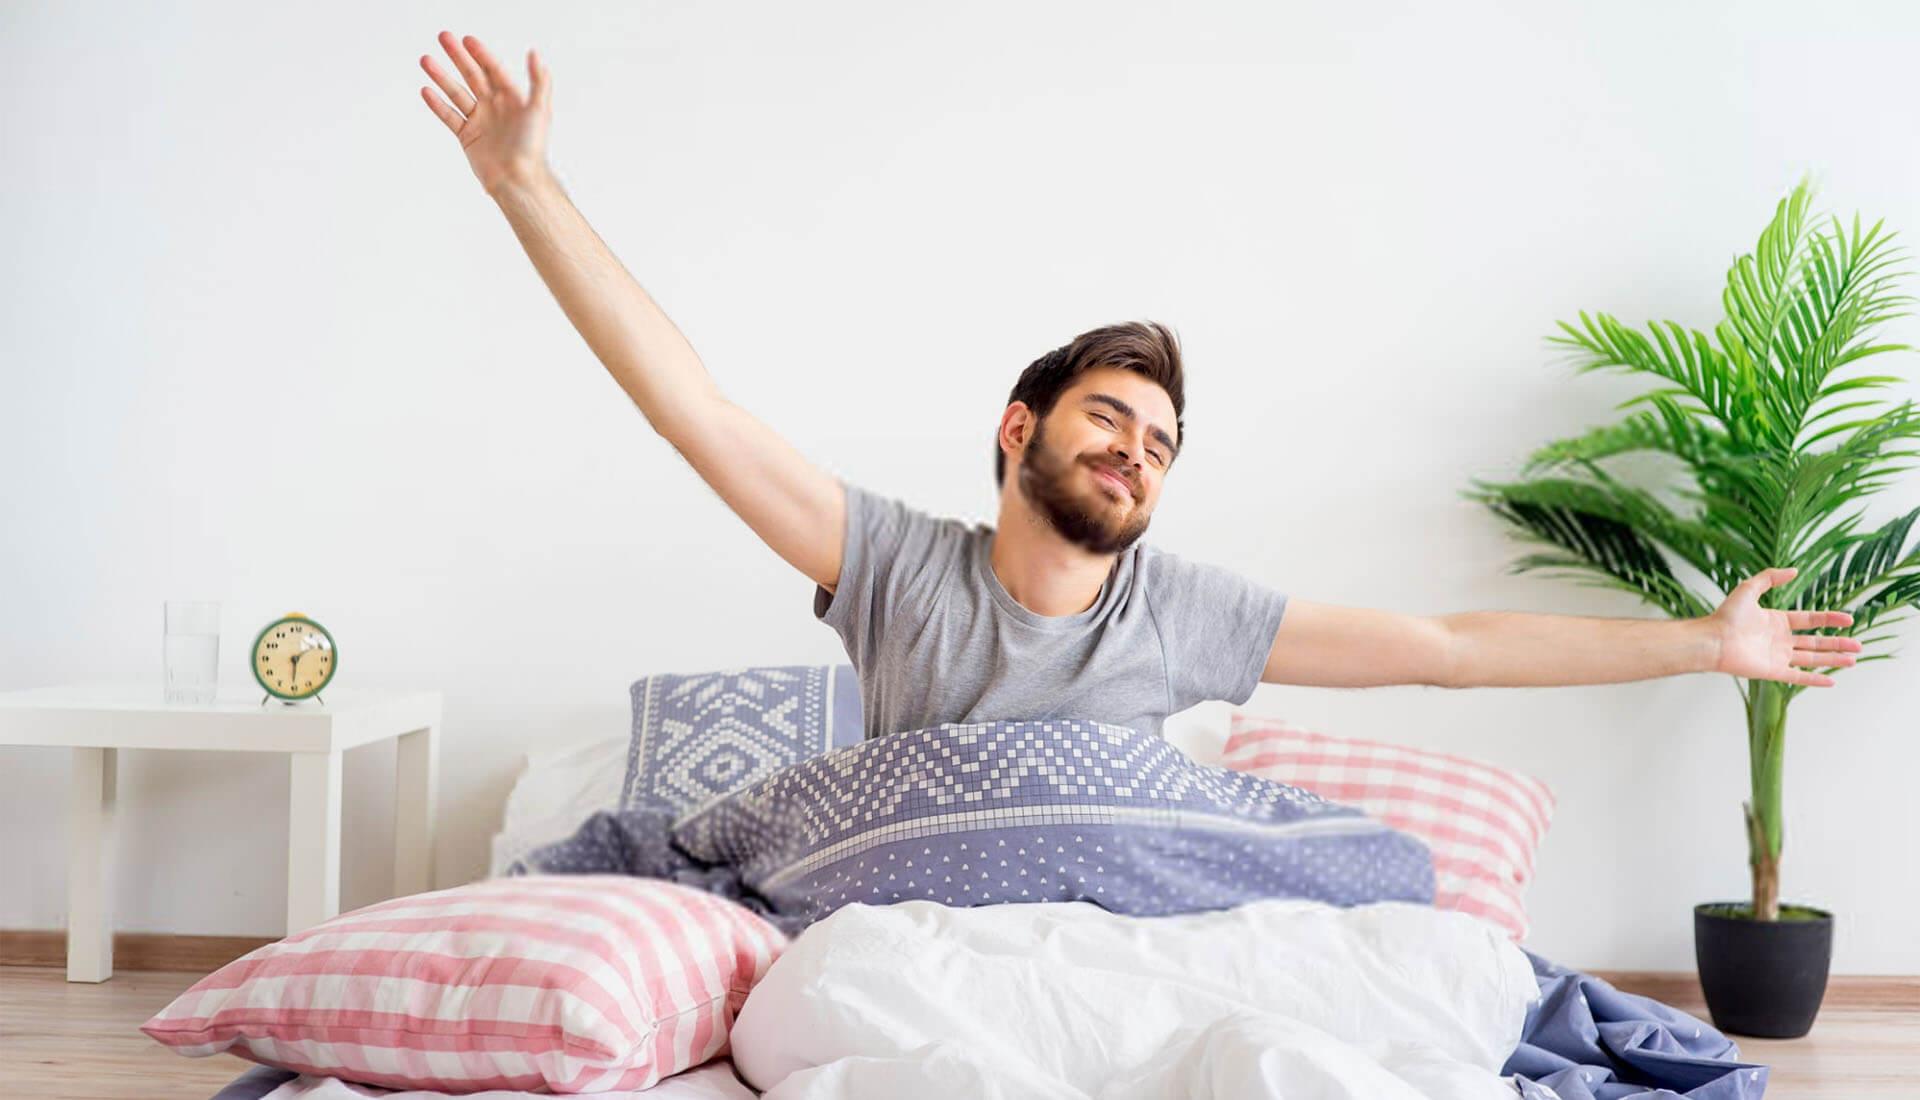 Junger Mann streckt sich fröhlich beim Aufstehen am Morgen im Bett